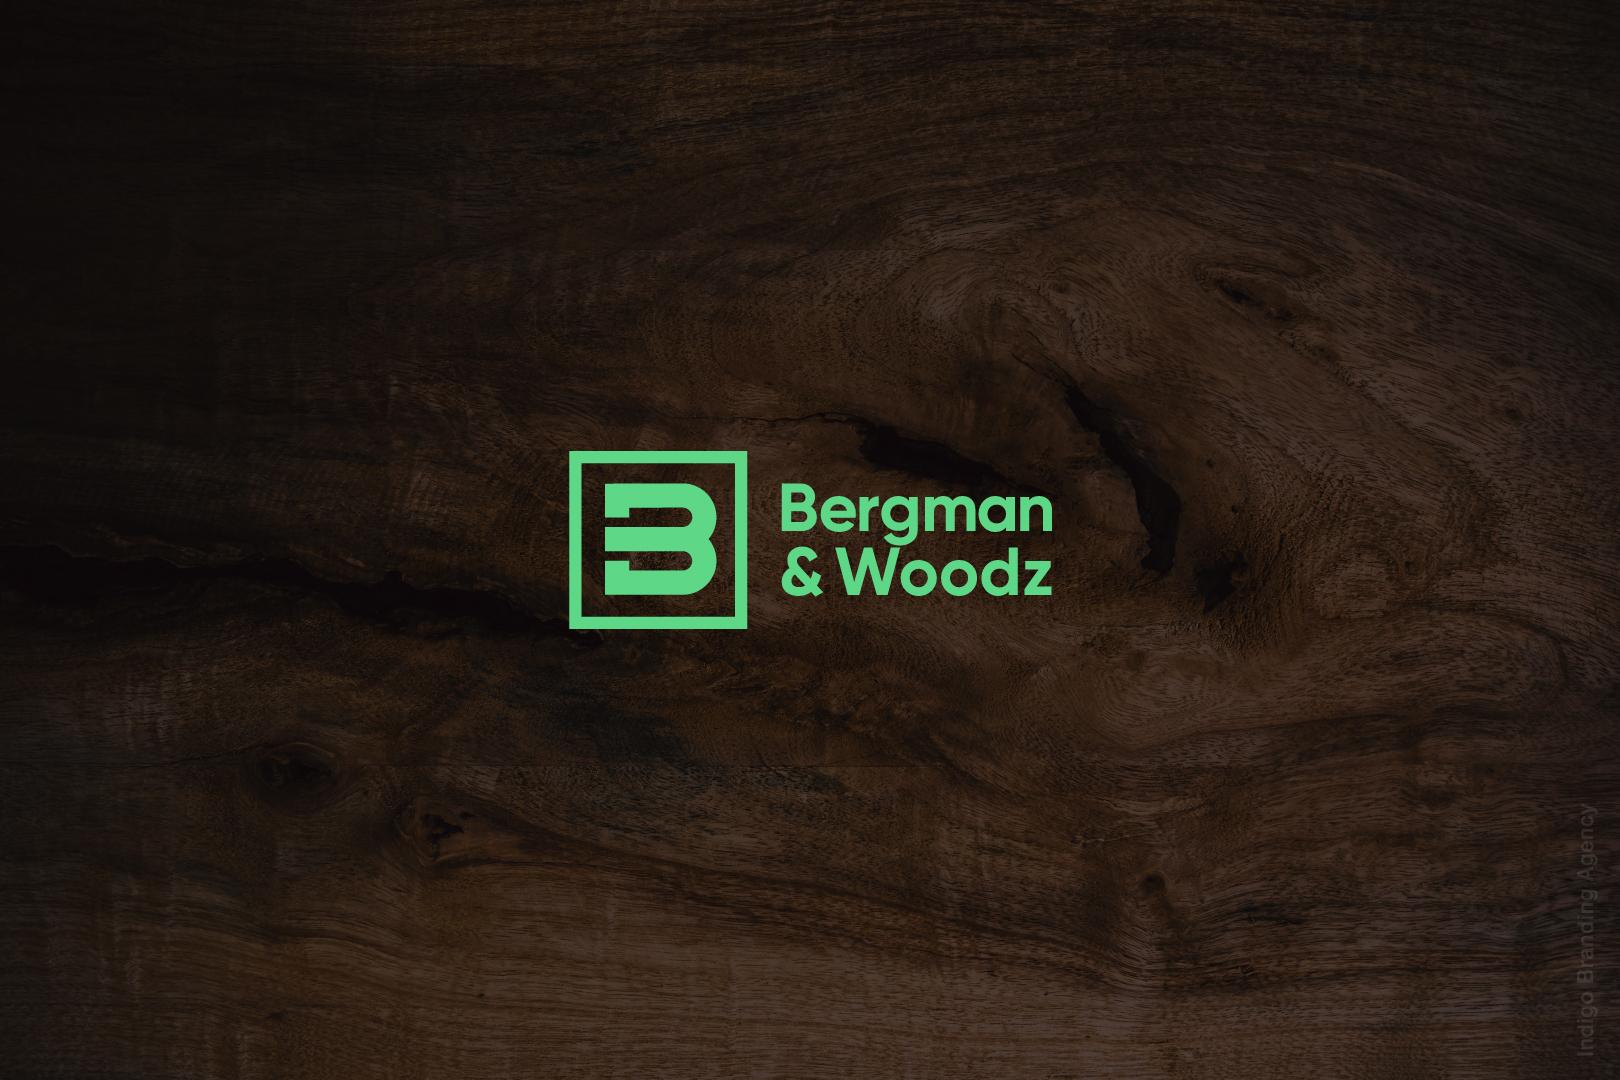 bergman woodz furniture production design wood branding logo design naming indigo branding